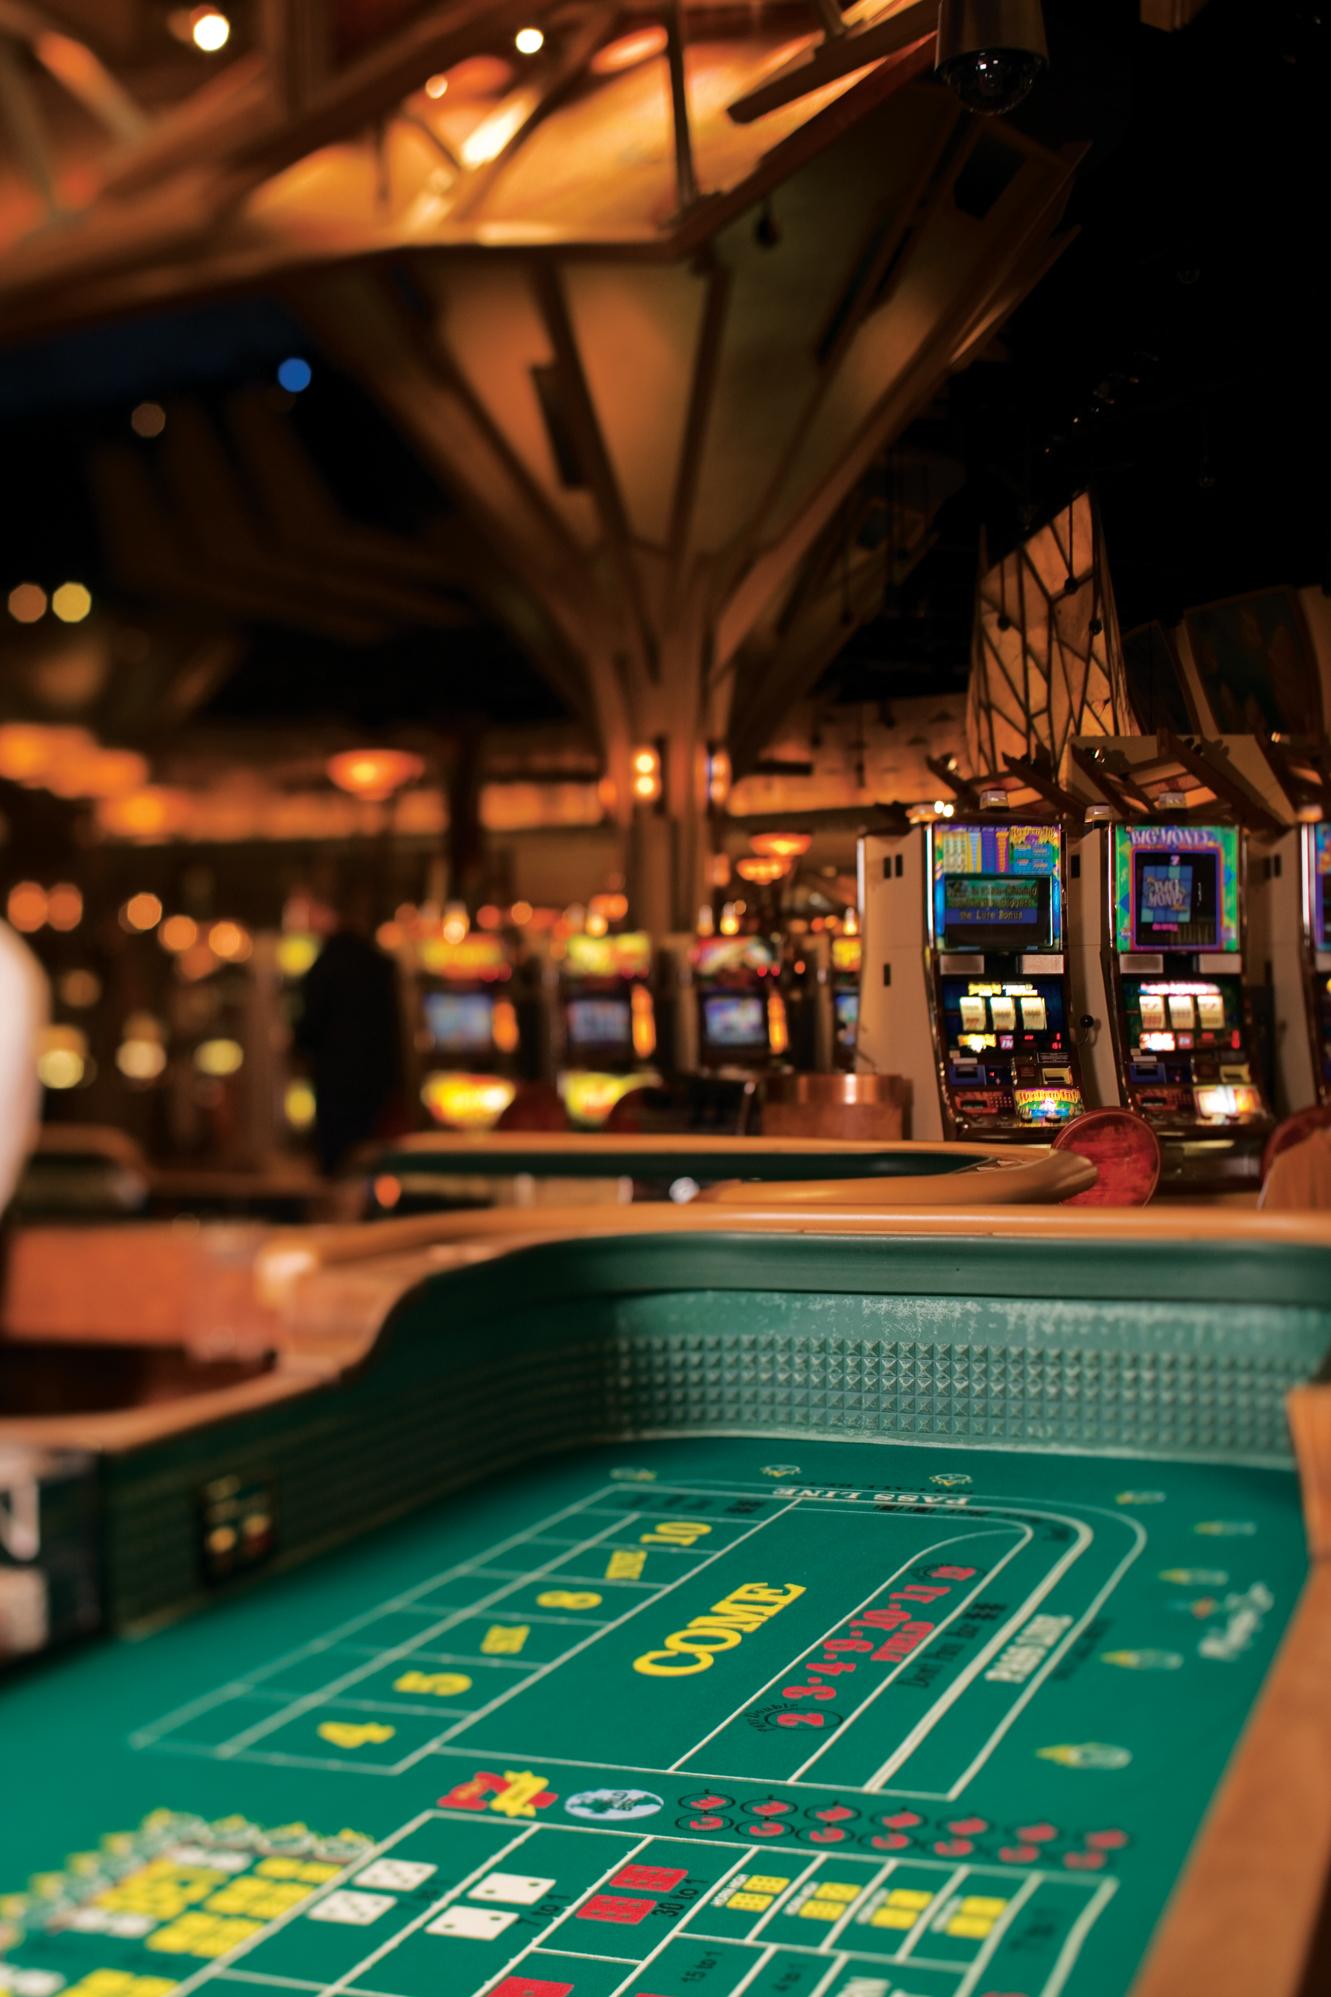 Government gambling machines